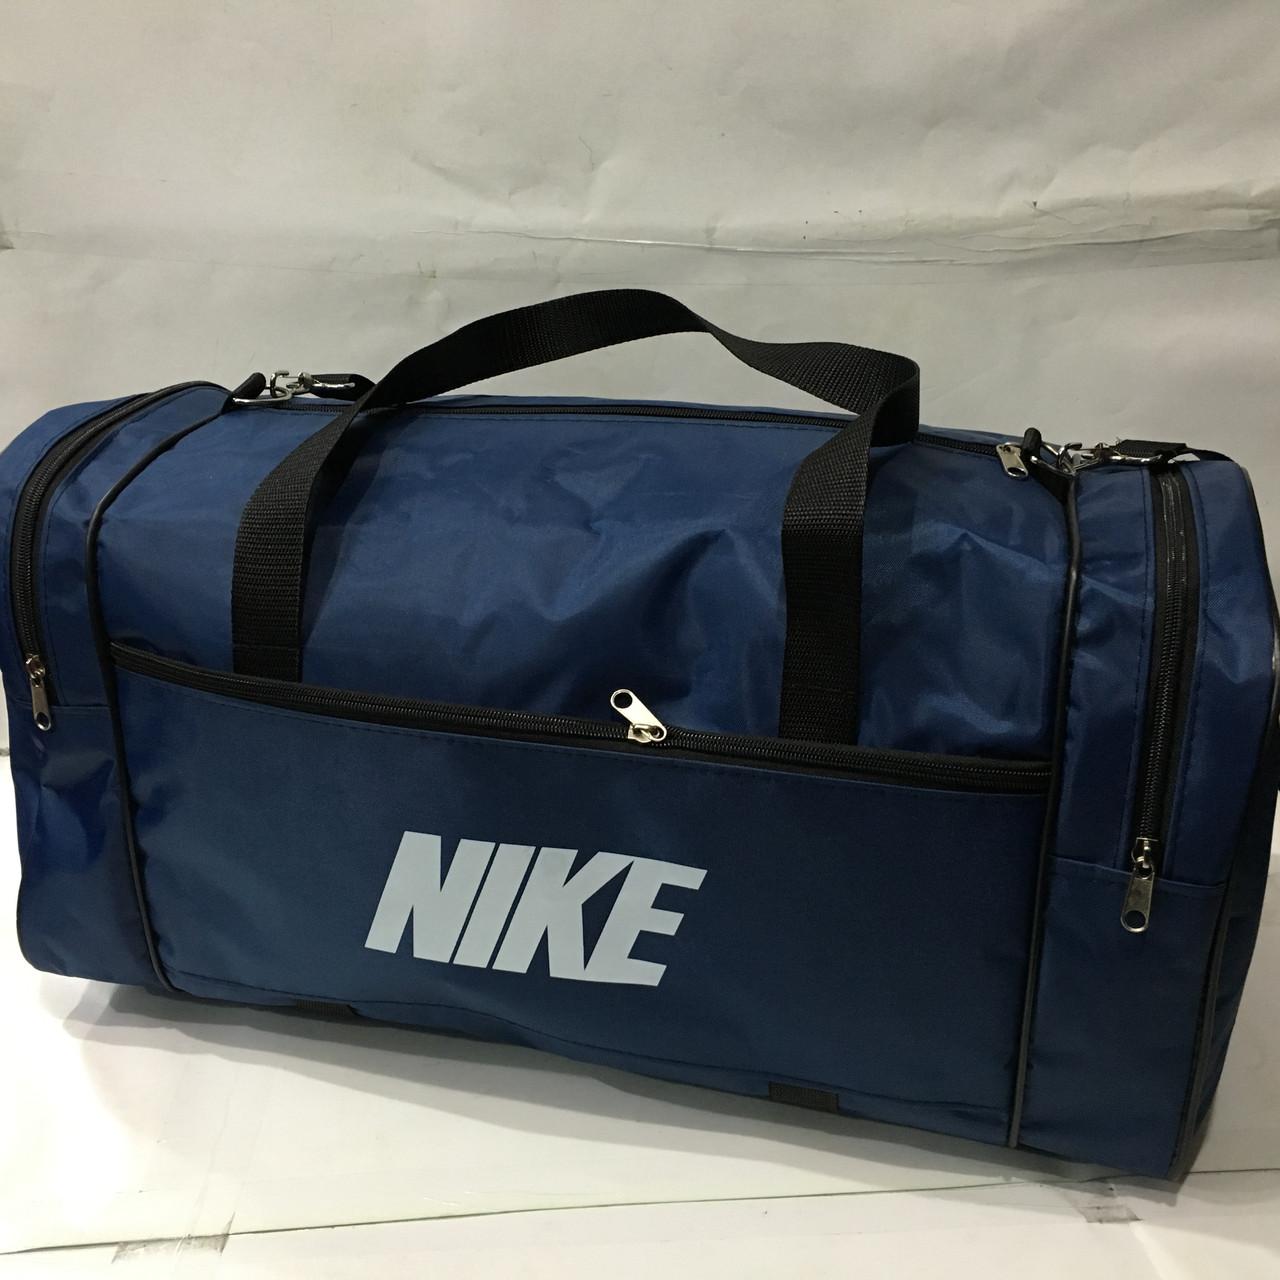 de3c5341 Спортивная сумка NIKE оптом: продажа, цена в Харькове. дорожные ...